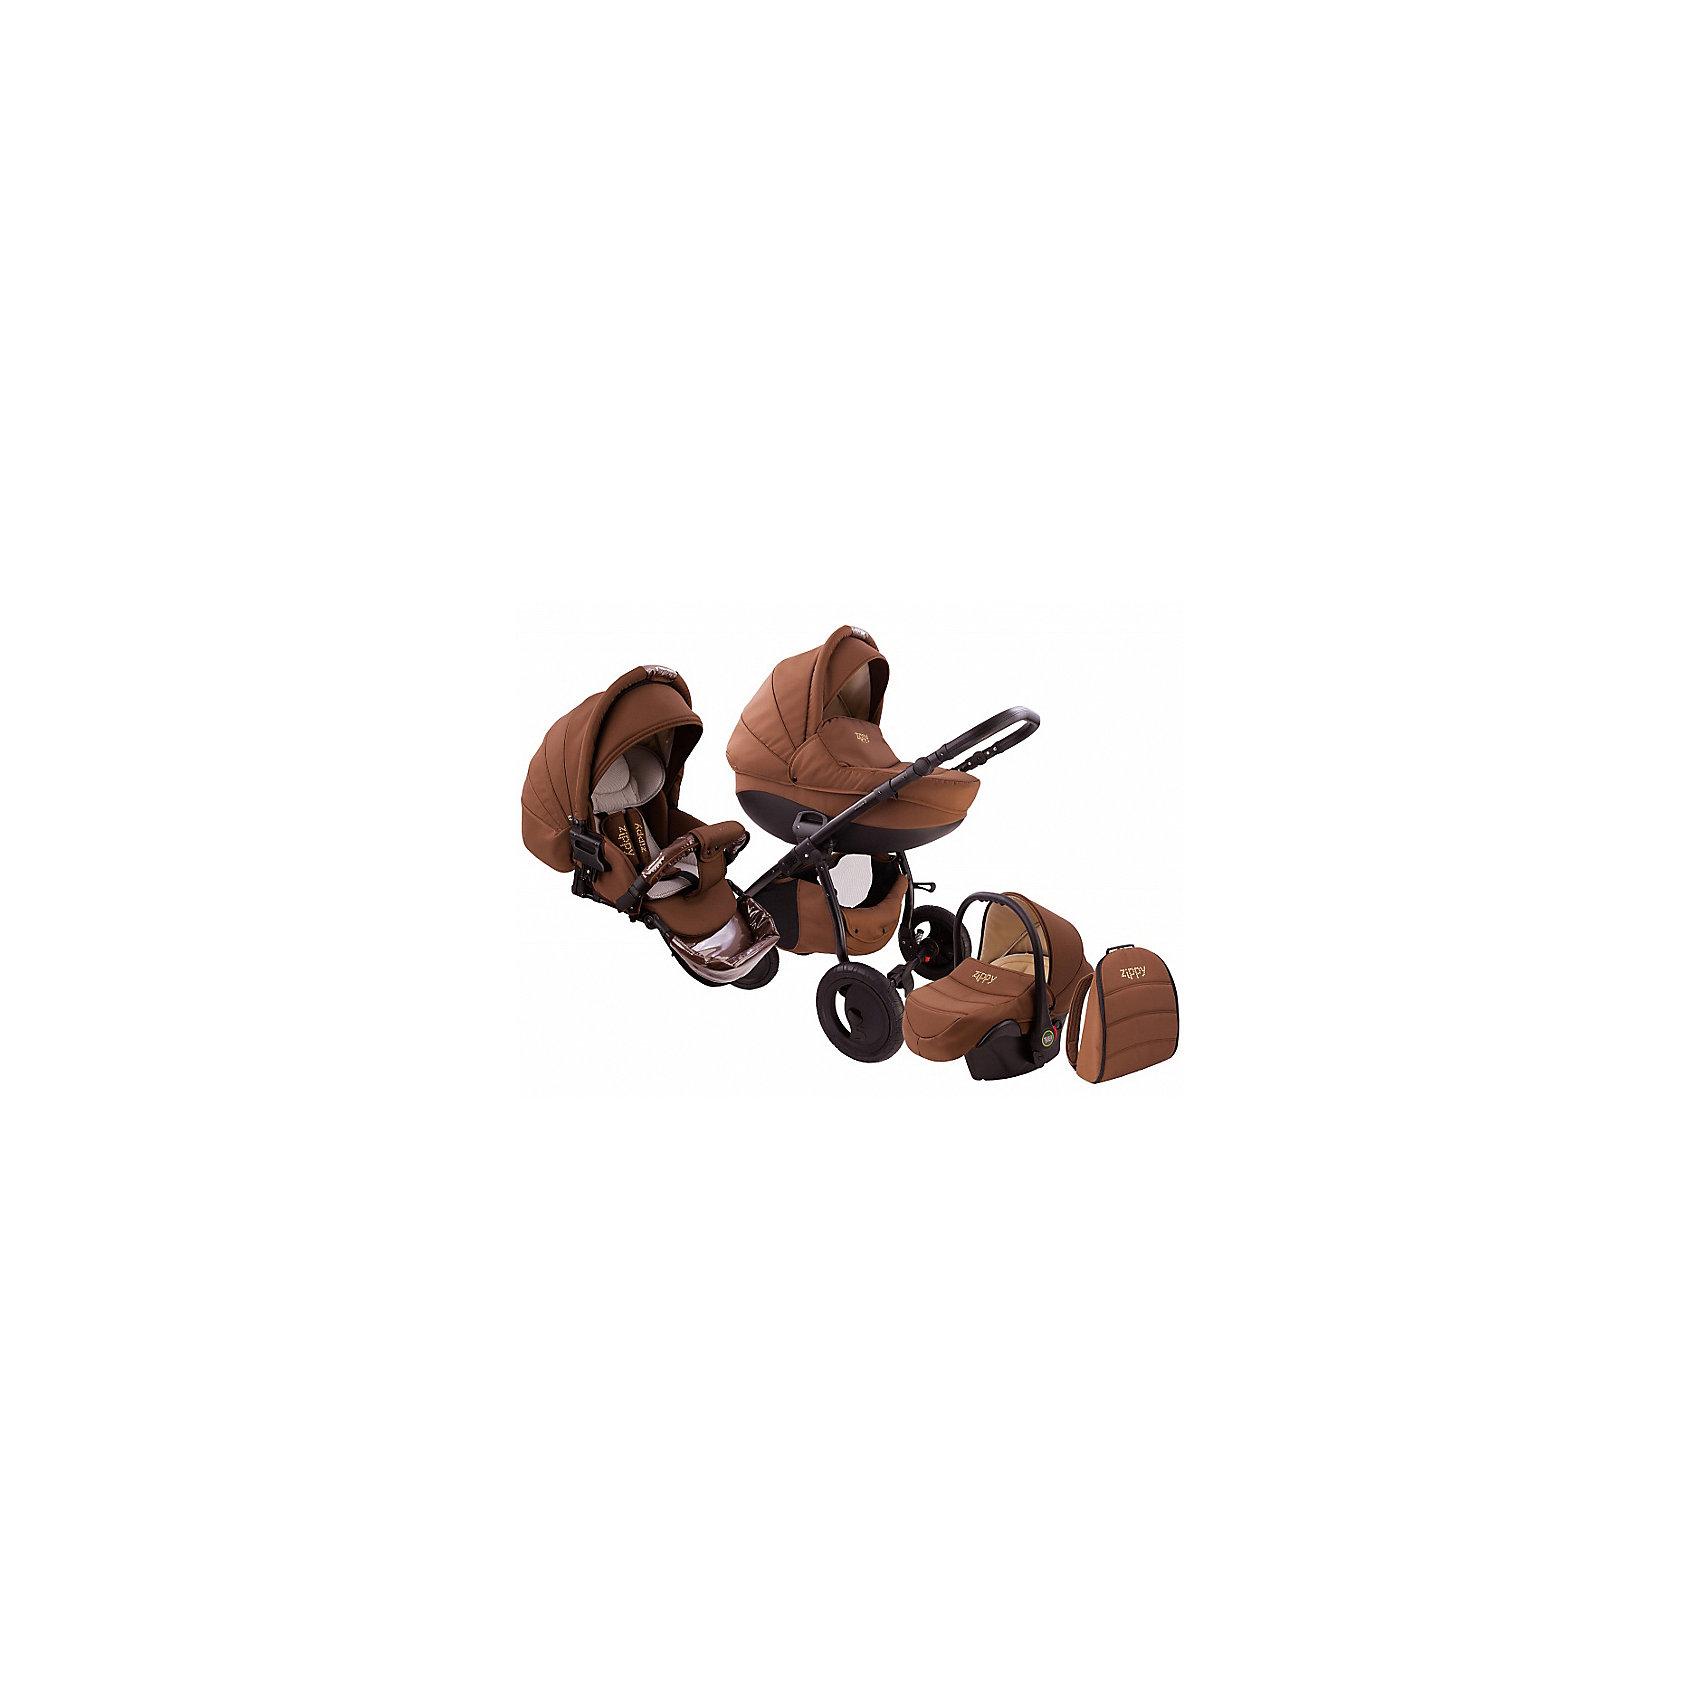 Коляска 3 в 1 Zippy Sport Plus, Tutis, шоколадКоляска 3 в 1 Zippy Sport Plus, Tutis, шоколад<br>Коляска 3 в 1 Zippy Sport Plus, Tutis - это стильная и маневренная, легкая в управлении коляска. Она оборудована просторной прочной пластмассовой люлькой, которая имеет вентиляционные отверстия в нижней части. Внутри люльки - тканевое покрытие, матрасик из кокосового волокна и регулируемый подголовник. Накидка на люльку защищает малыша от ветра и непогоды. Прогулочный блок имеет широкое сидение с регулируемым наклоном спинки вплоть до горизонтального положения, встроенные пятиточечные ремни безопасности, регулируемую подножку с силиконовой накладкой, матрасик-вкладыш, накидку на ножки, съёмный бампер, обтянутый мягкой тканью с силиконовой накладкой. Большой регулируемый капюшон с ручкой для переноски имеет вентилируемую вставку под молнией. В капюшоне прогулочного блока предусмотрена встроенная силиконовая вставка. Высоту ручки для мамы можно отрегулировать. Предусмотрена вместительная корзина для покупок и сумка для мамы в виде рюкзака. Коляска имеет надувные колеса, передние - поворотные с блокировкой, задние - с ножными тормозами. Шасси выполнено из алюминия, легко и компактно складывается. Автомобильное кресло отвечает всем европейским стандартам, крепится в автомобиле штатным ремнем безопасности, против хода движения. Имеет трёхточечный ремень безопасности, анатомический вкладыш, съемный солнцезащитный козырек, накидку-чехол, нескользящую ручку.<br><br>Дополнительная информация:<br><br>- Комплектация: люлька, прогулочный блок, автокресло, шасси, матрас для люльки, чехол на ноги (для люльки, прогулочного блока, автокресла), москитная сетка, дождевик, рюкзак для мамы, корзина для покупок, матрас-вкладыш для прогулочного блока и автокресла <br>- Функция качания (когда люлька лежит на полу)<br>- Регулируемая амортизация шасси<br>- Размеры: прогулочный блок 95х39х24 см. внутренний размер люльки 34х76 см., внутренний размер автокресла 32х74 см.<br>- Размер сложенной коляск